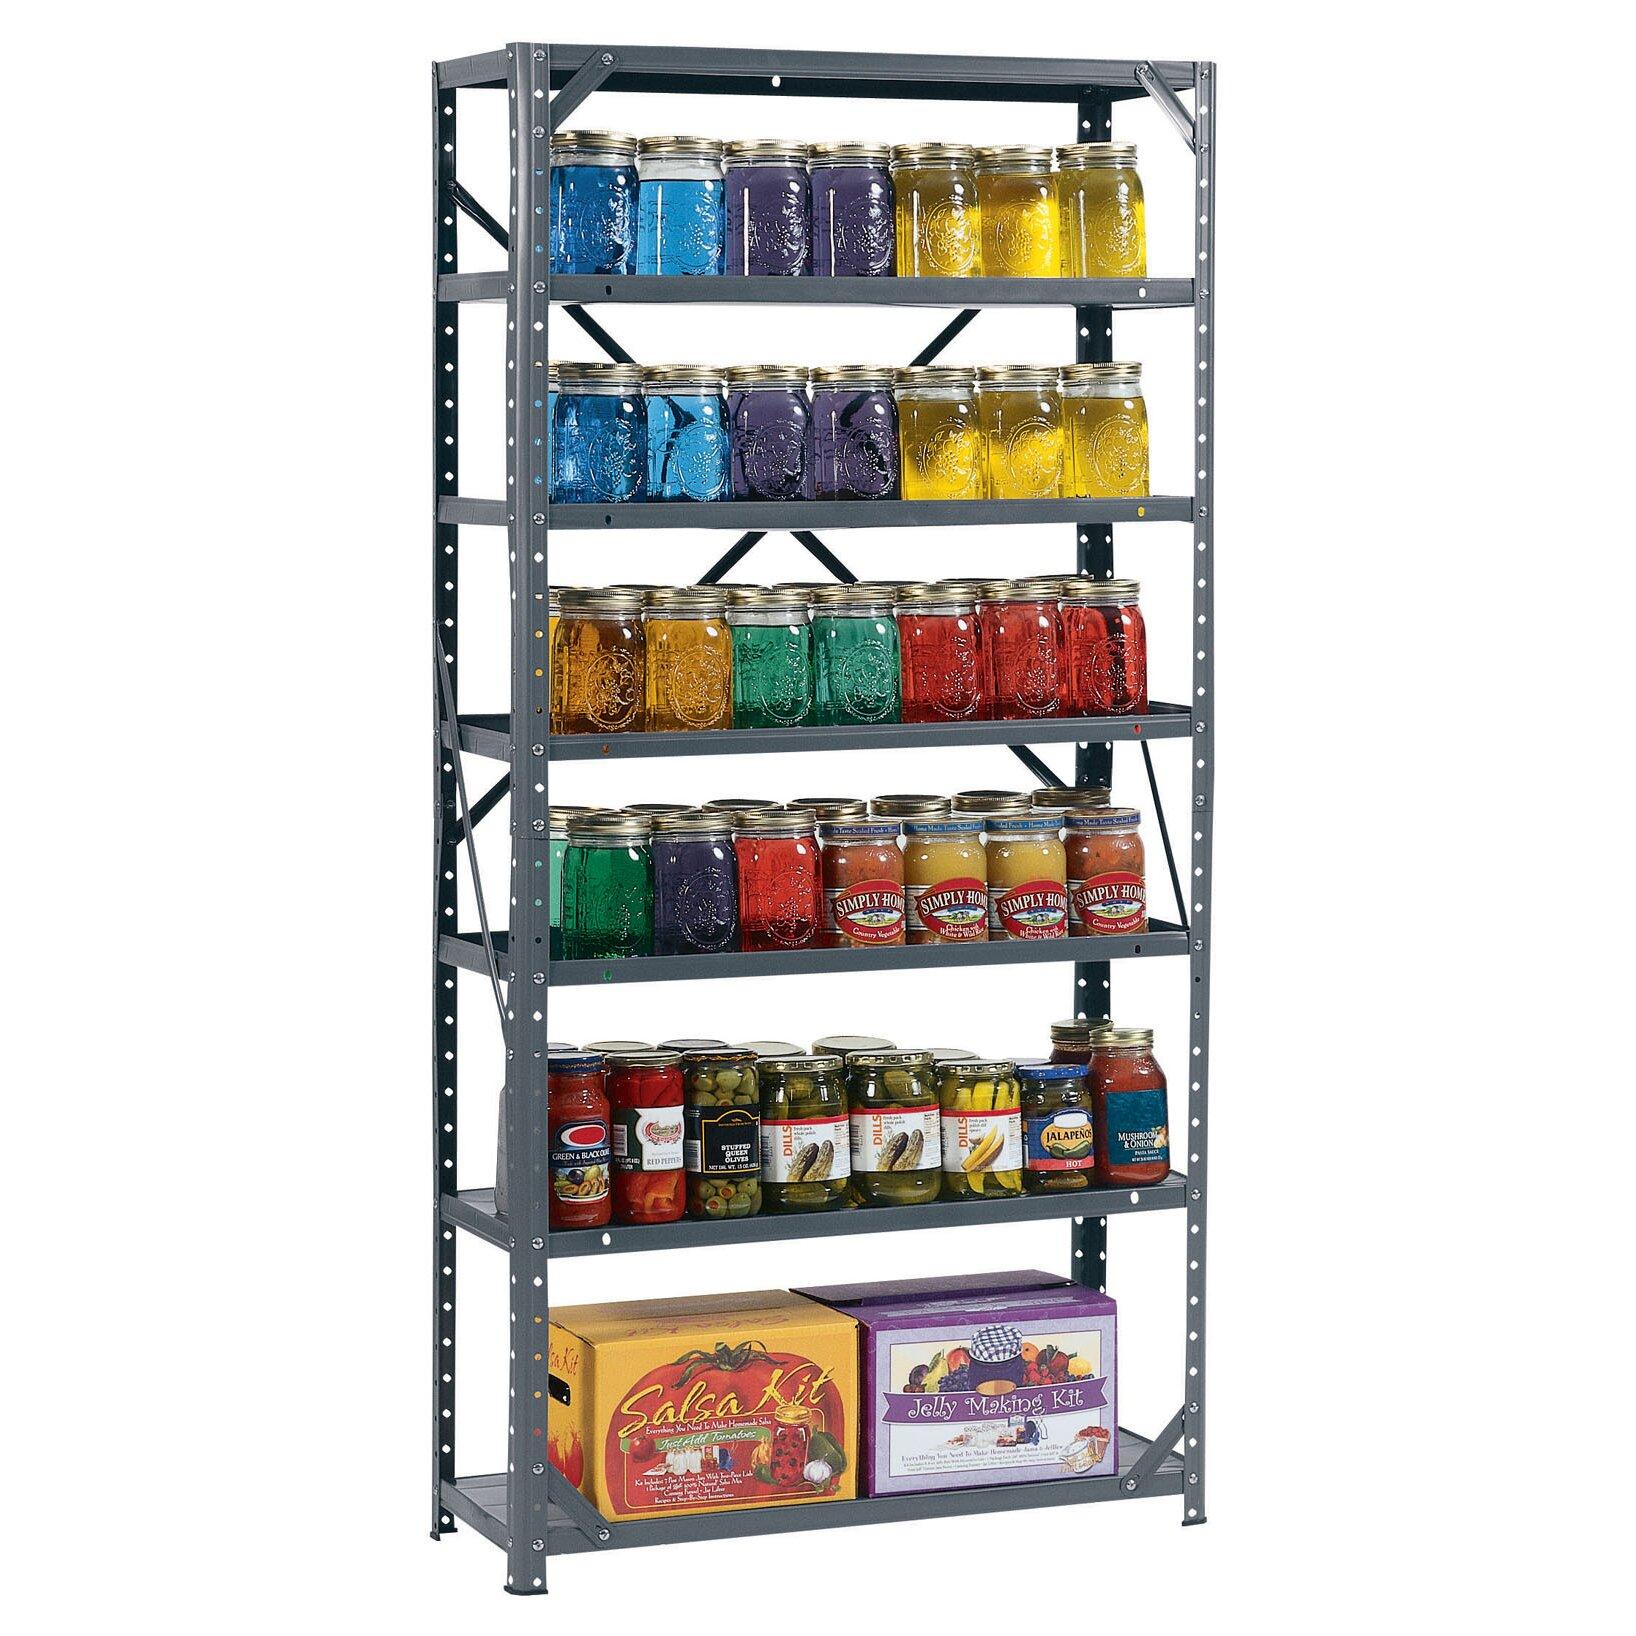 24 inch deep shelves - 24 Inch Deep Shelves 51